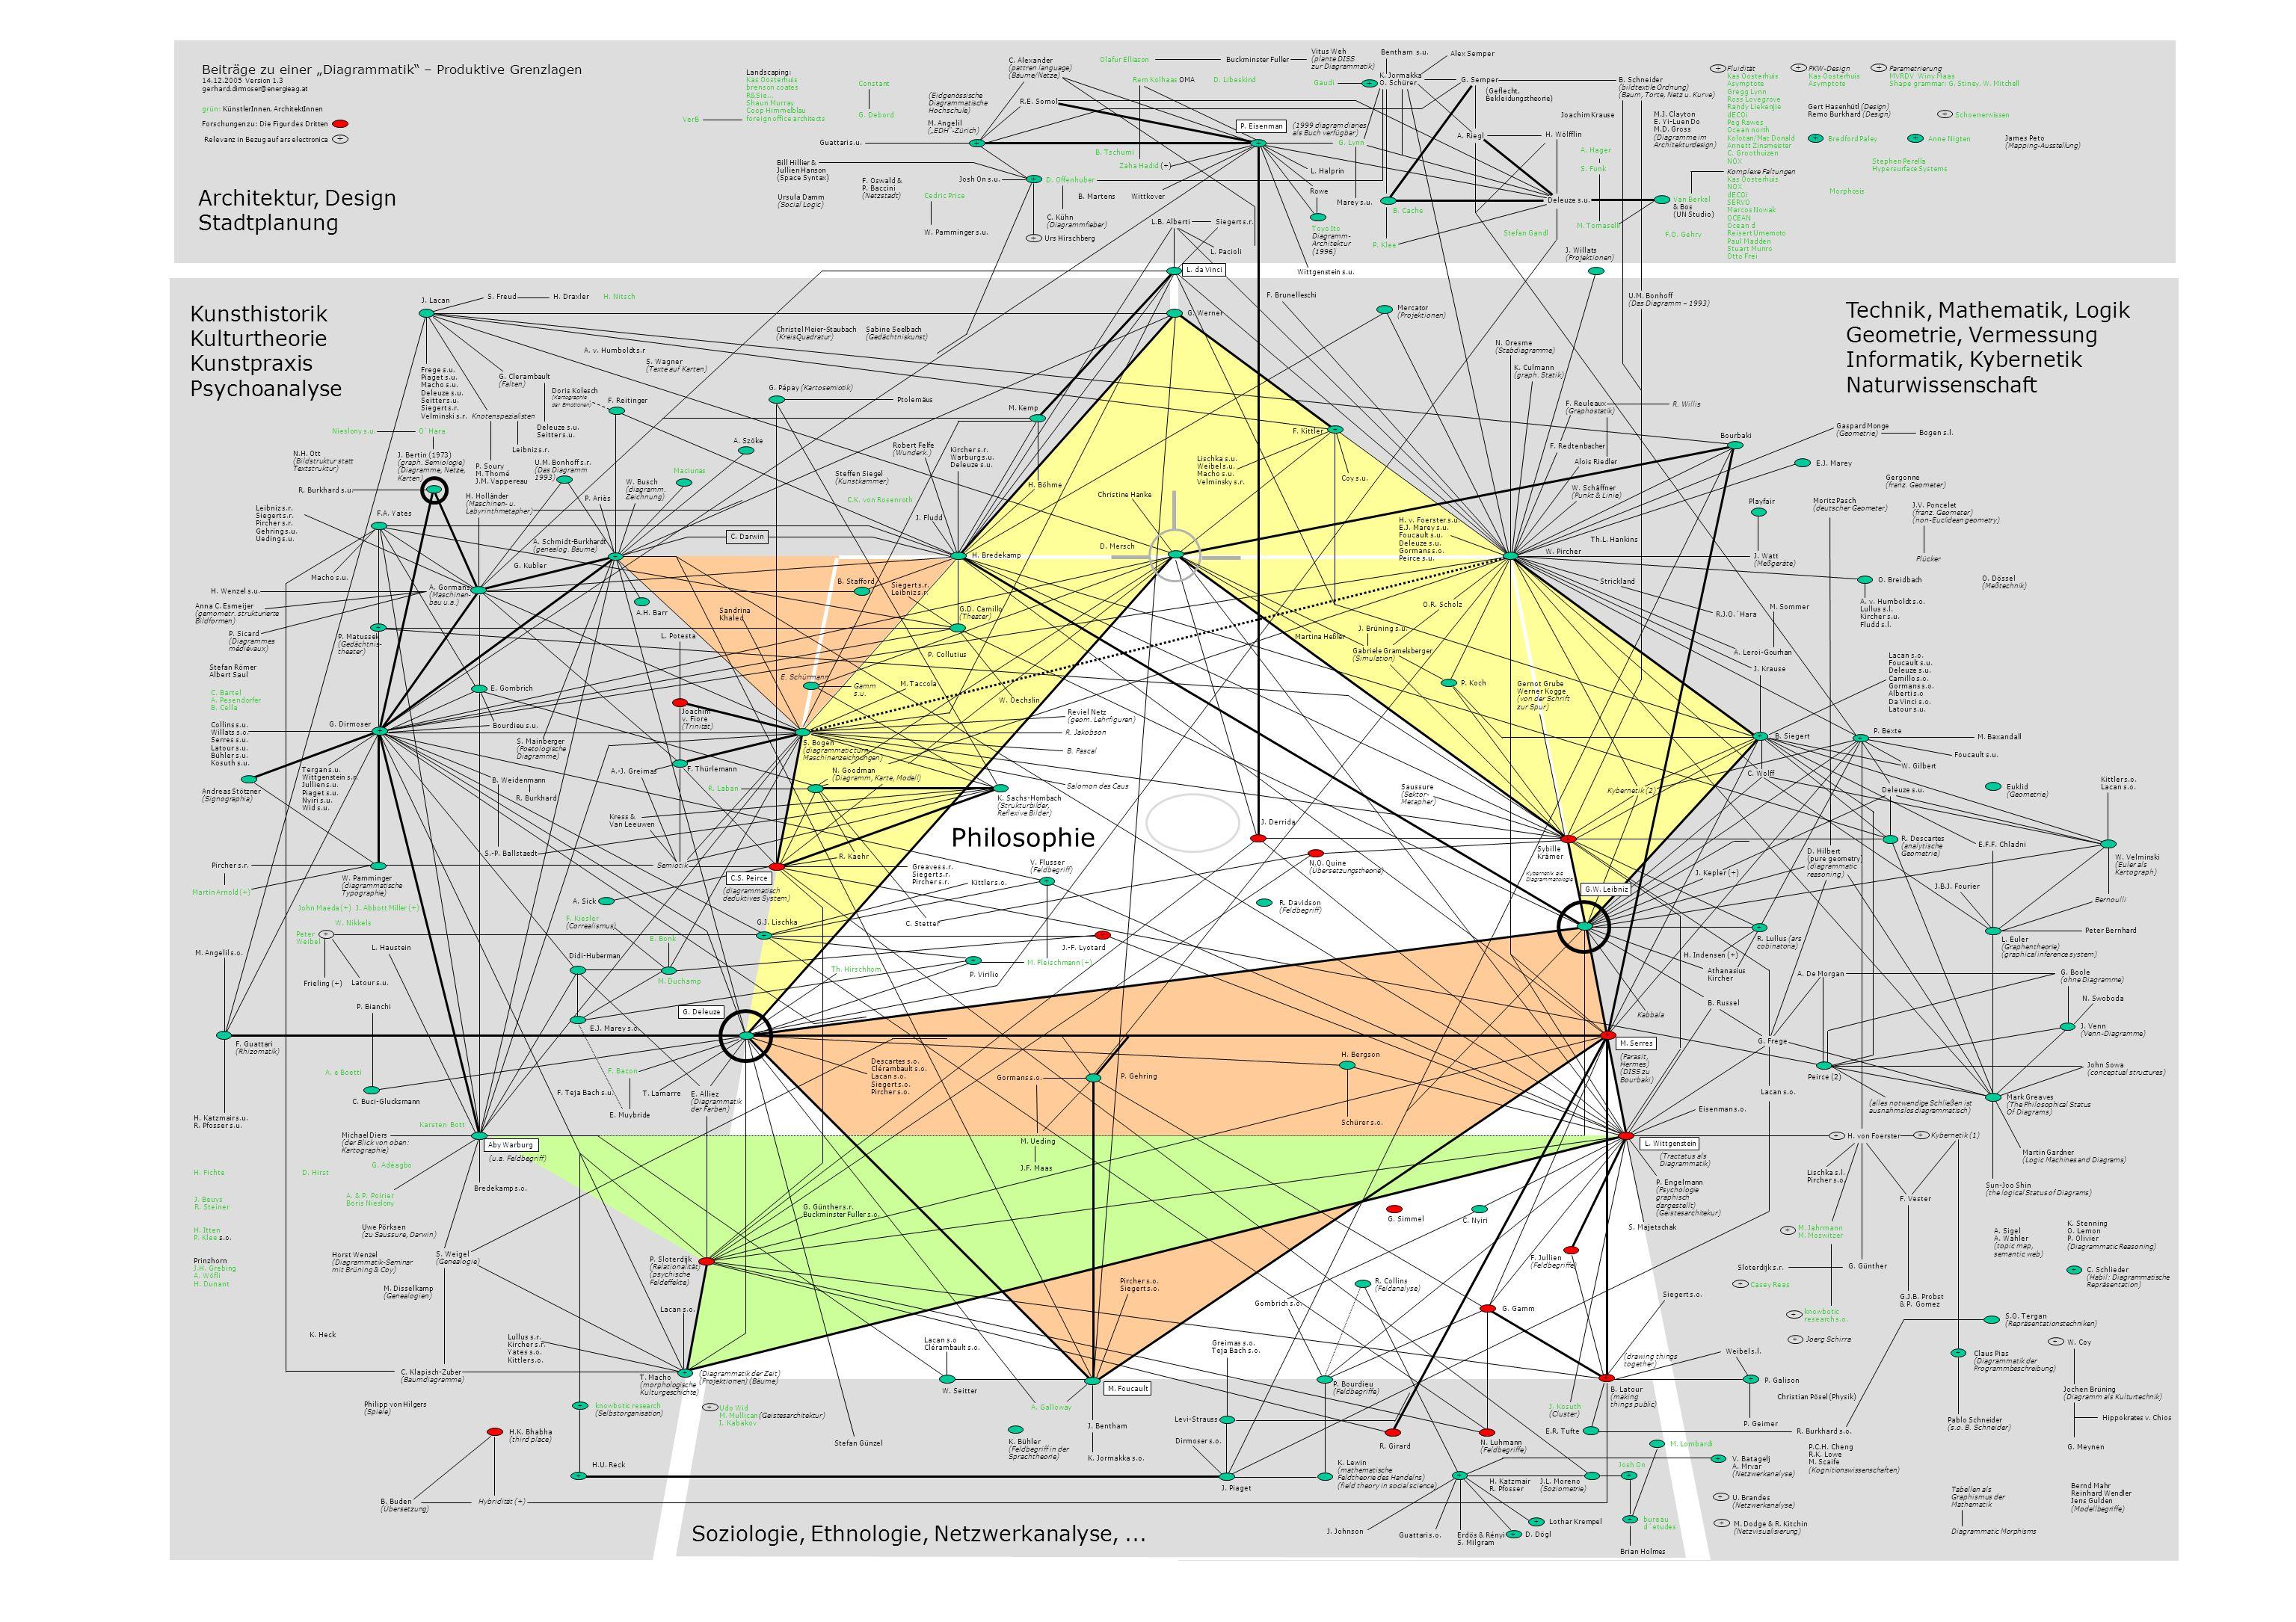 Beiträge zu einer Diagrammatik – Produktive Grenzlagen 14.12.2005 Version 1.3 gerhard.dirmoser@energieag.at grün: KünstlerInnen, ArchitektInnen Forsch